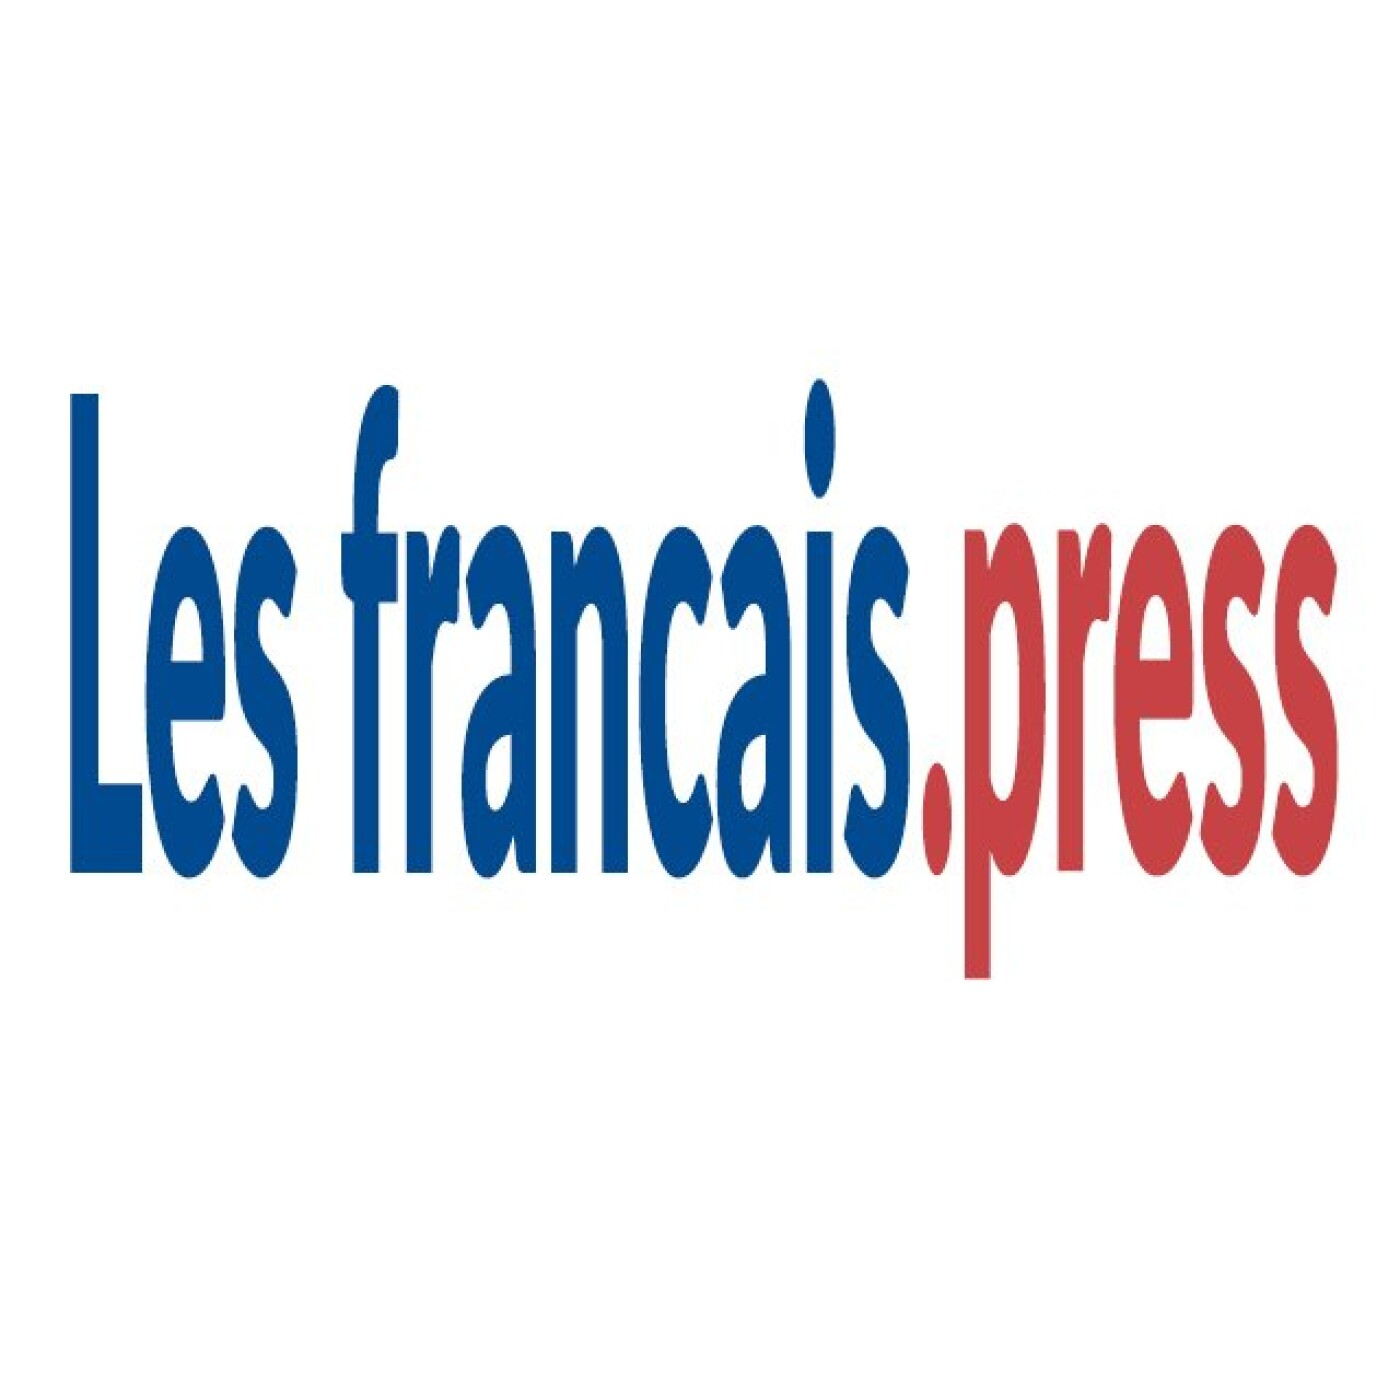 Fabien, redacteur en chef LesFrancaisPress fait le bilan de la saison - 23 07 2021 - StereoChic Radio